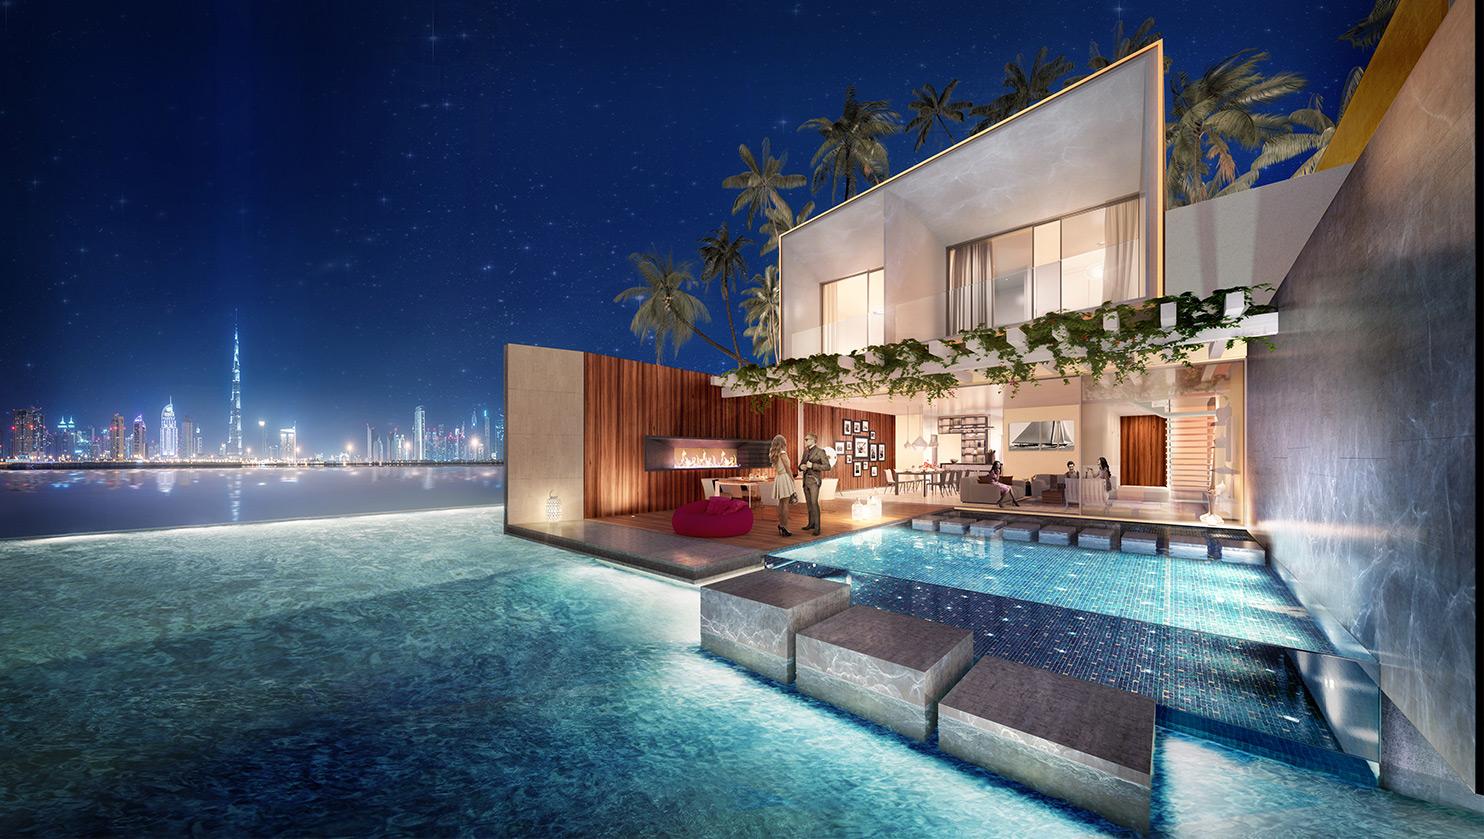 لأول مرة في العالم.. دبي تبني فيلات عائمة على الماء (صور)